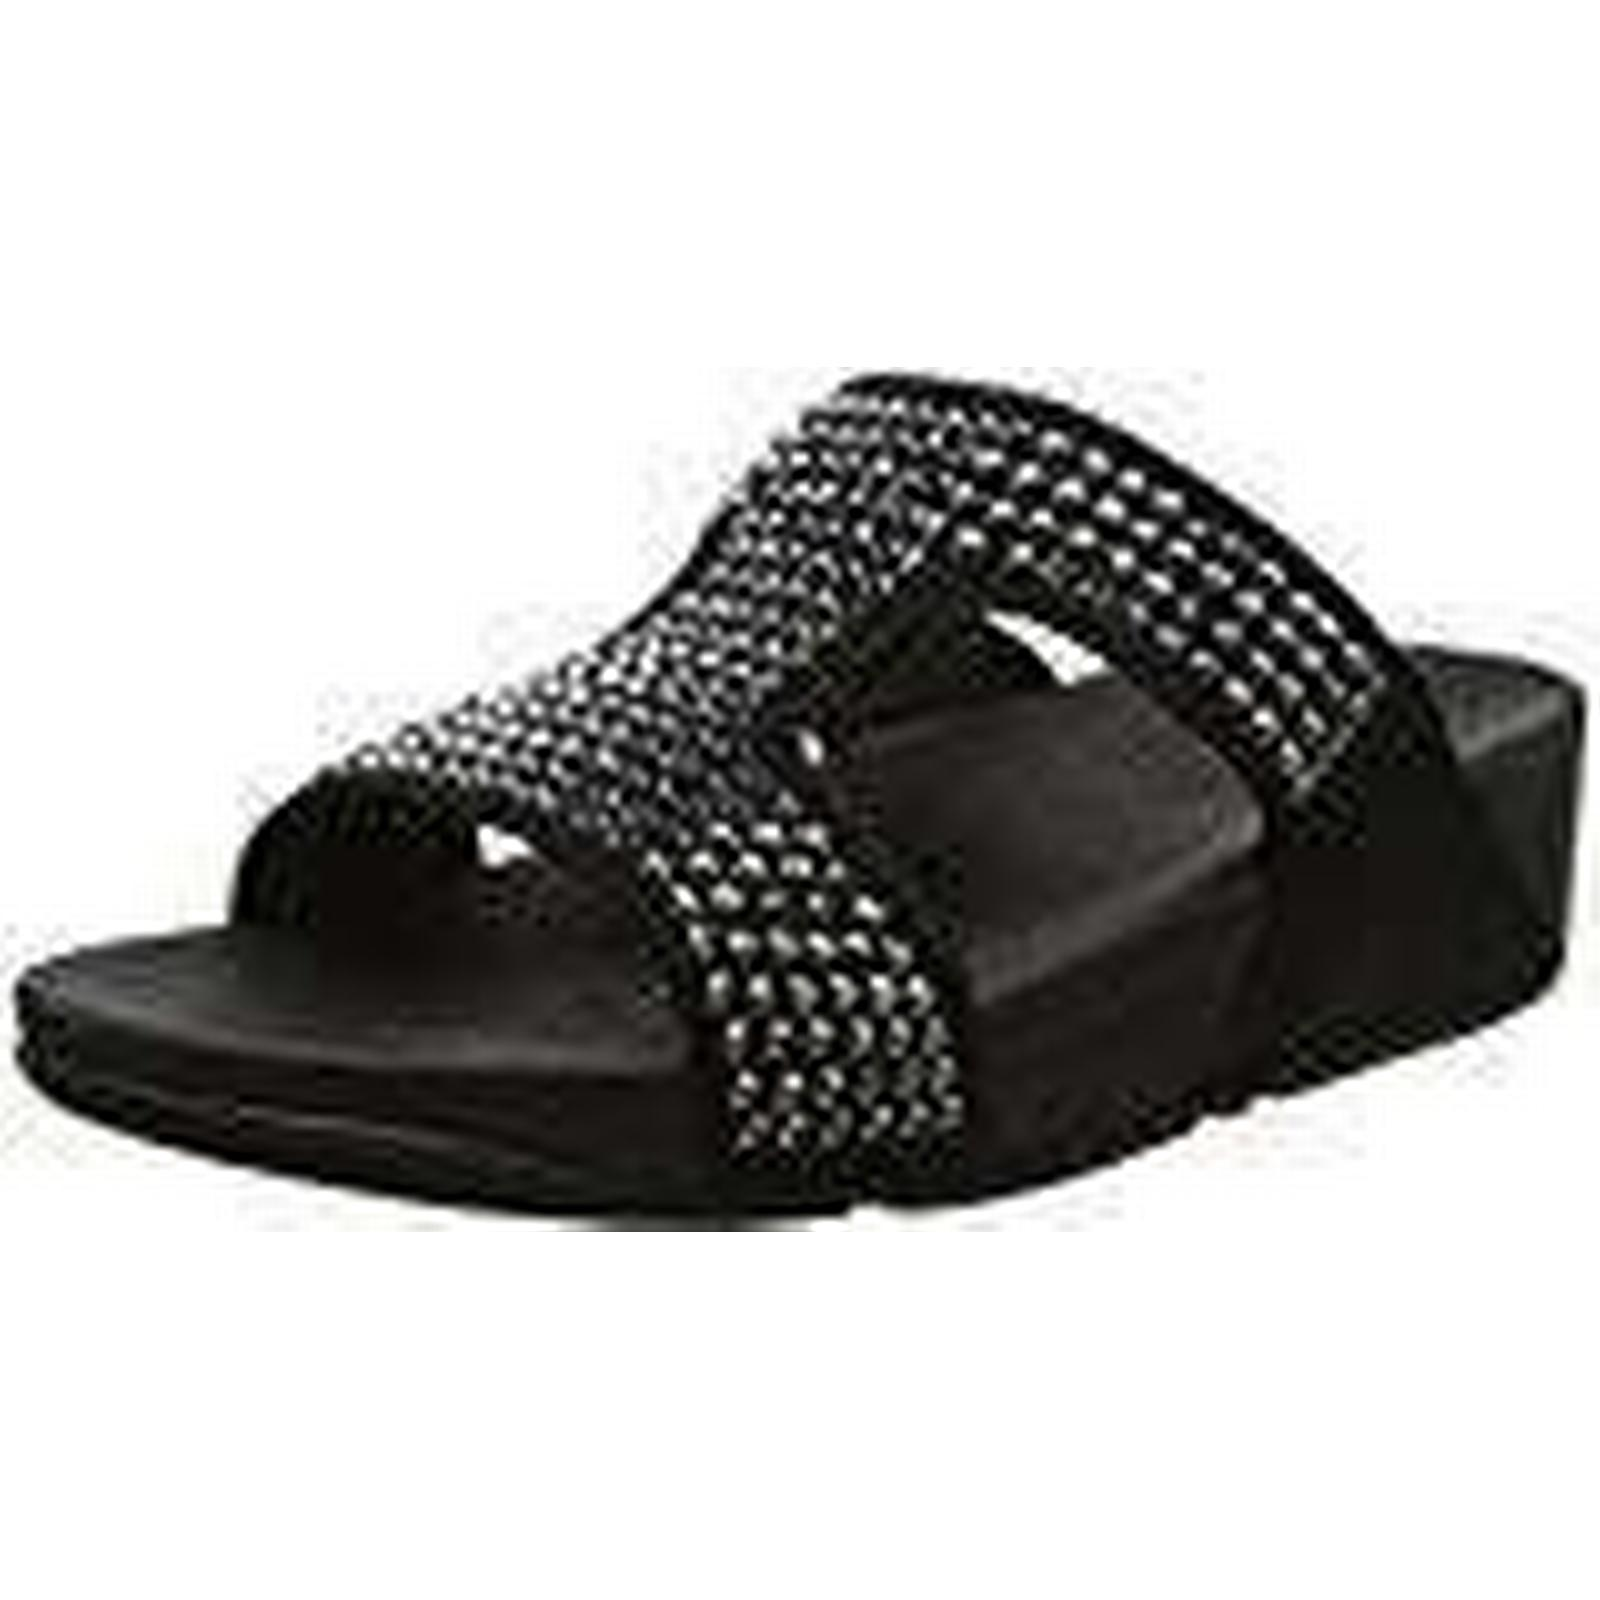 Fitflop Women's Toe GLITZIE Slide Sandals Open Toe Women's (Black), 6 UK 39 EU 4d5604